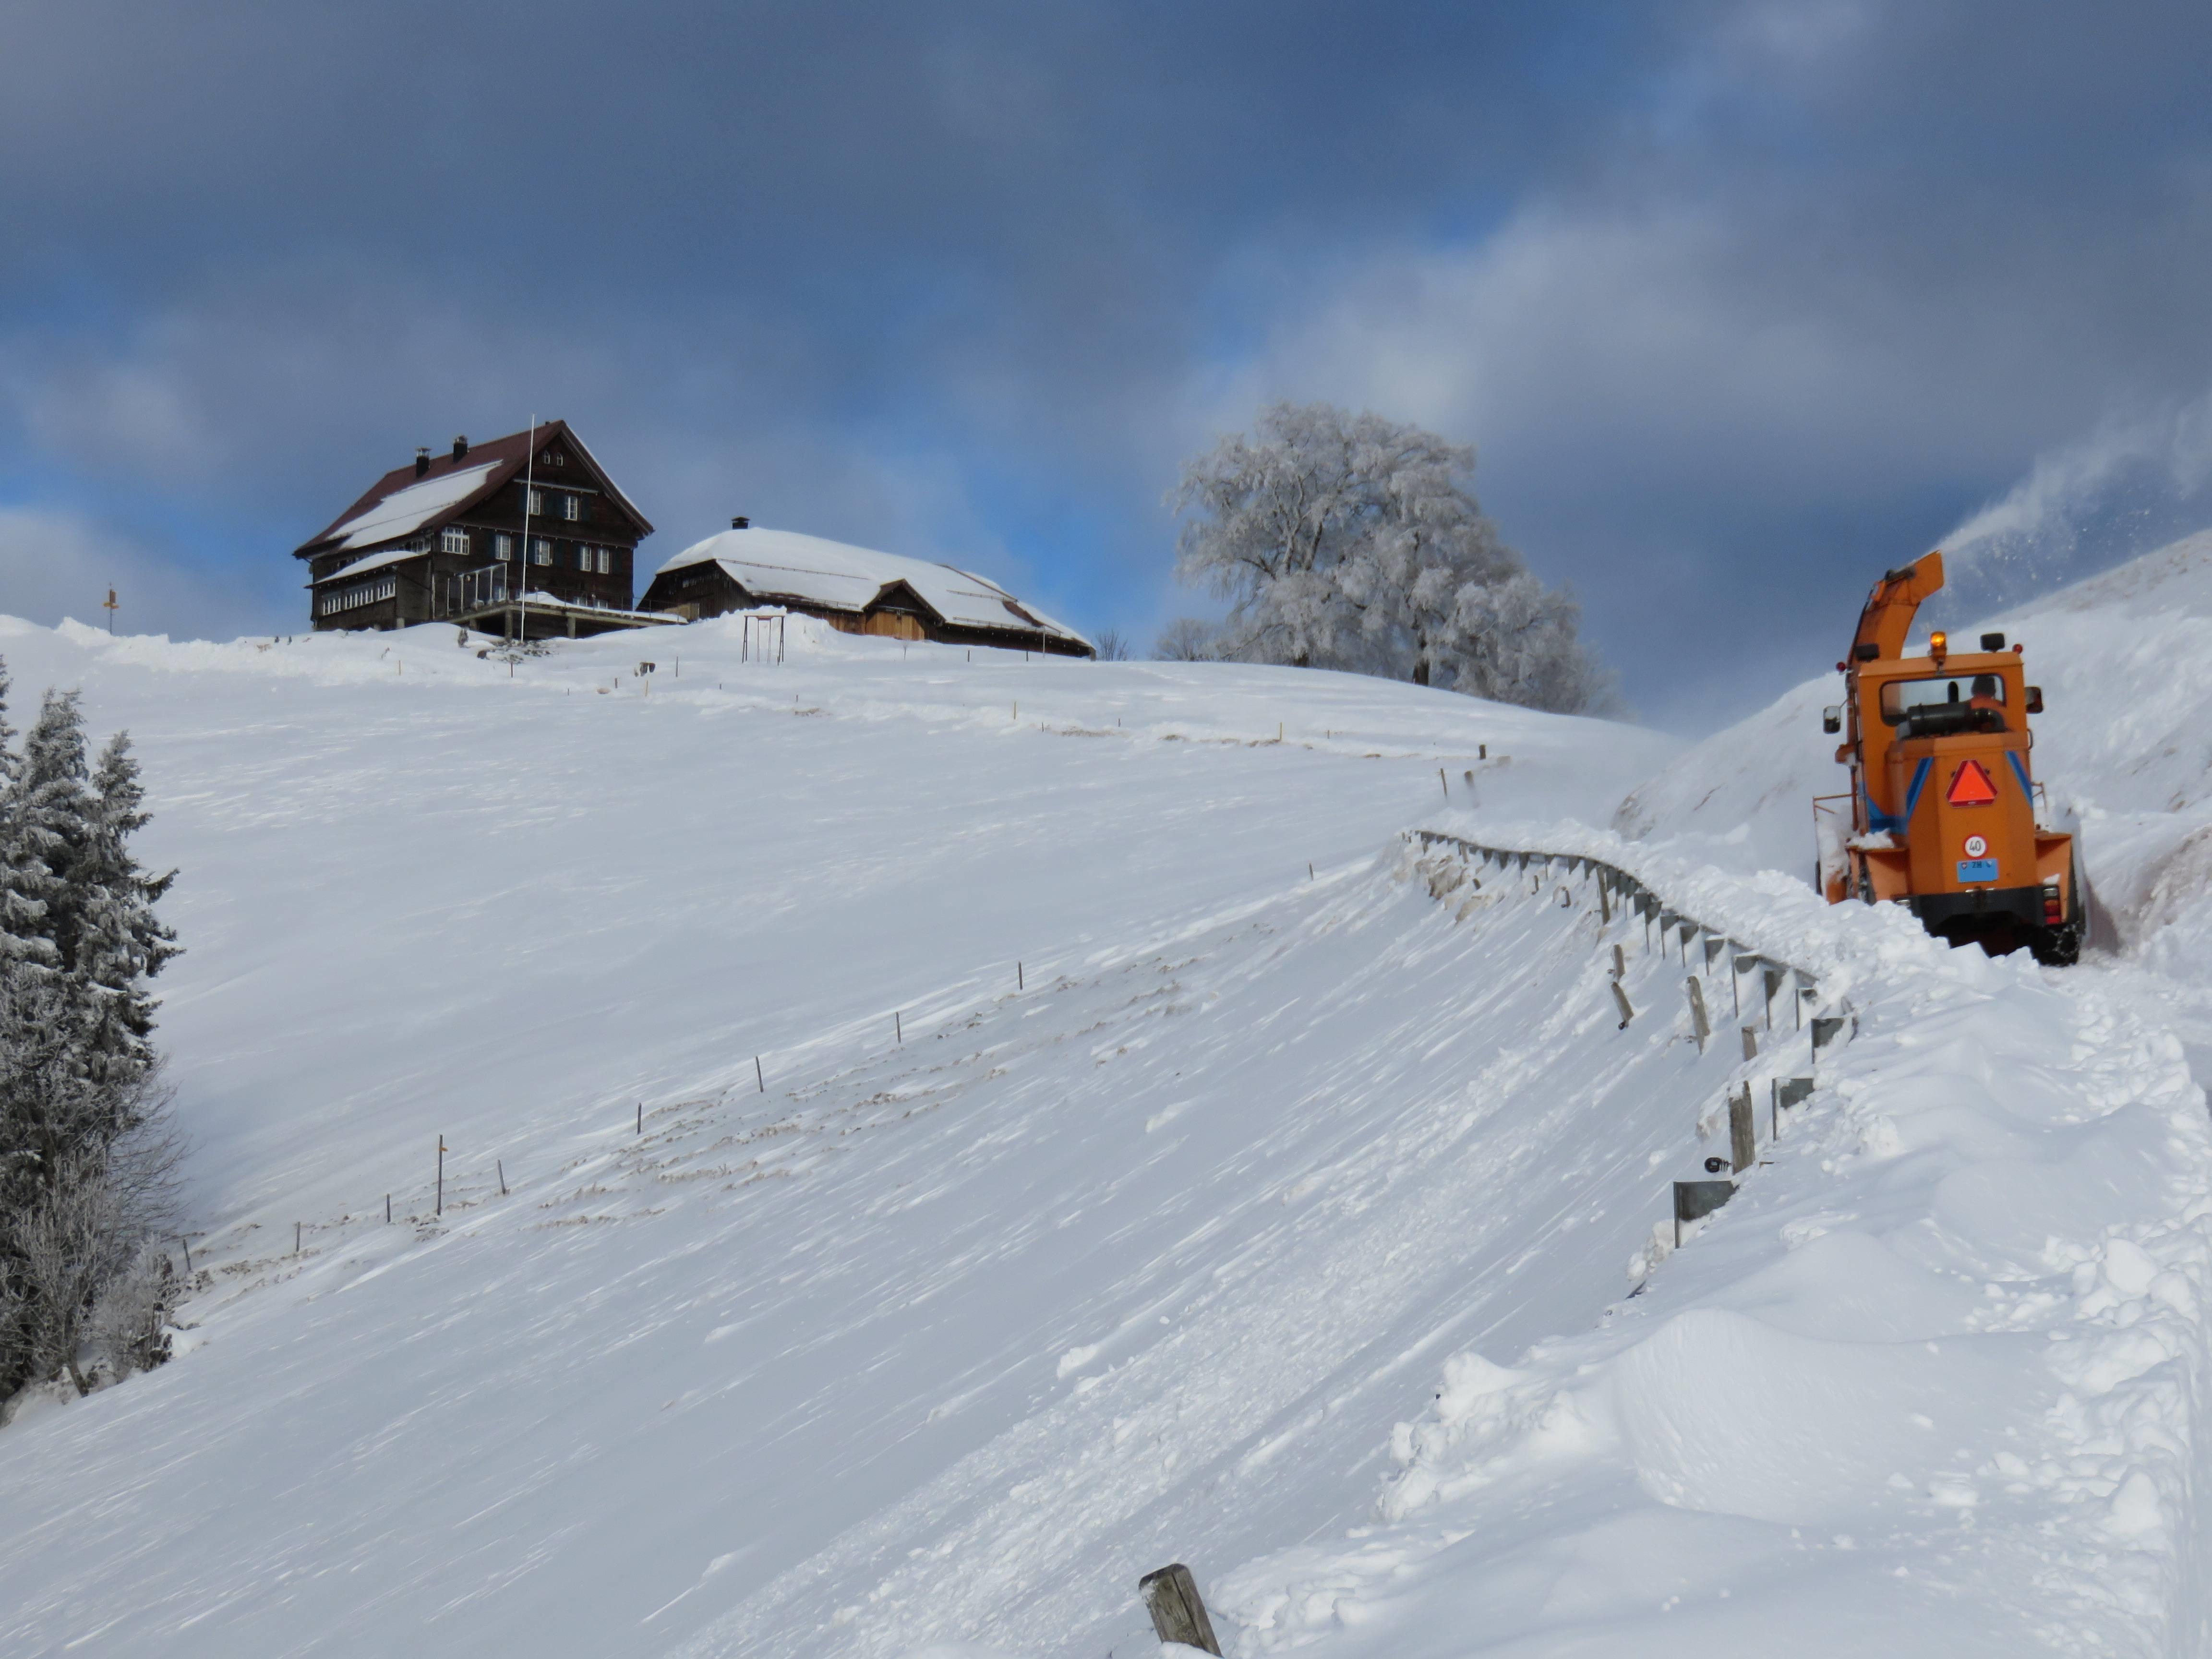 Weg hinauf zum Restaurant auf der Alp Scheidegg am 15.12.2017